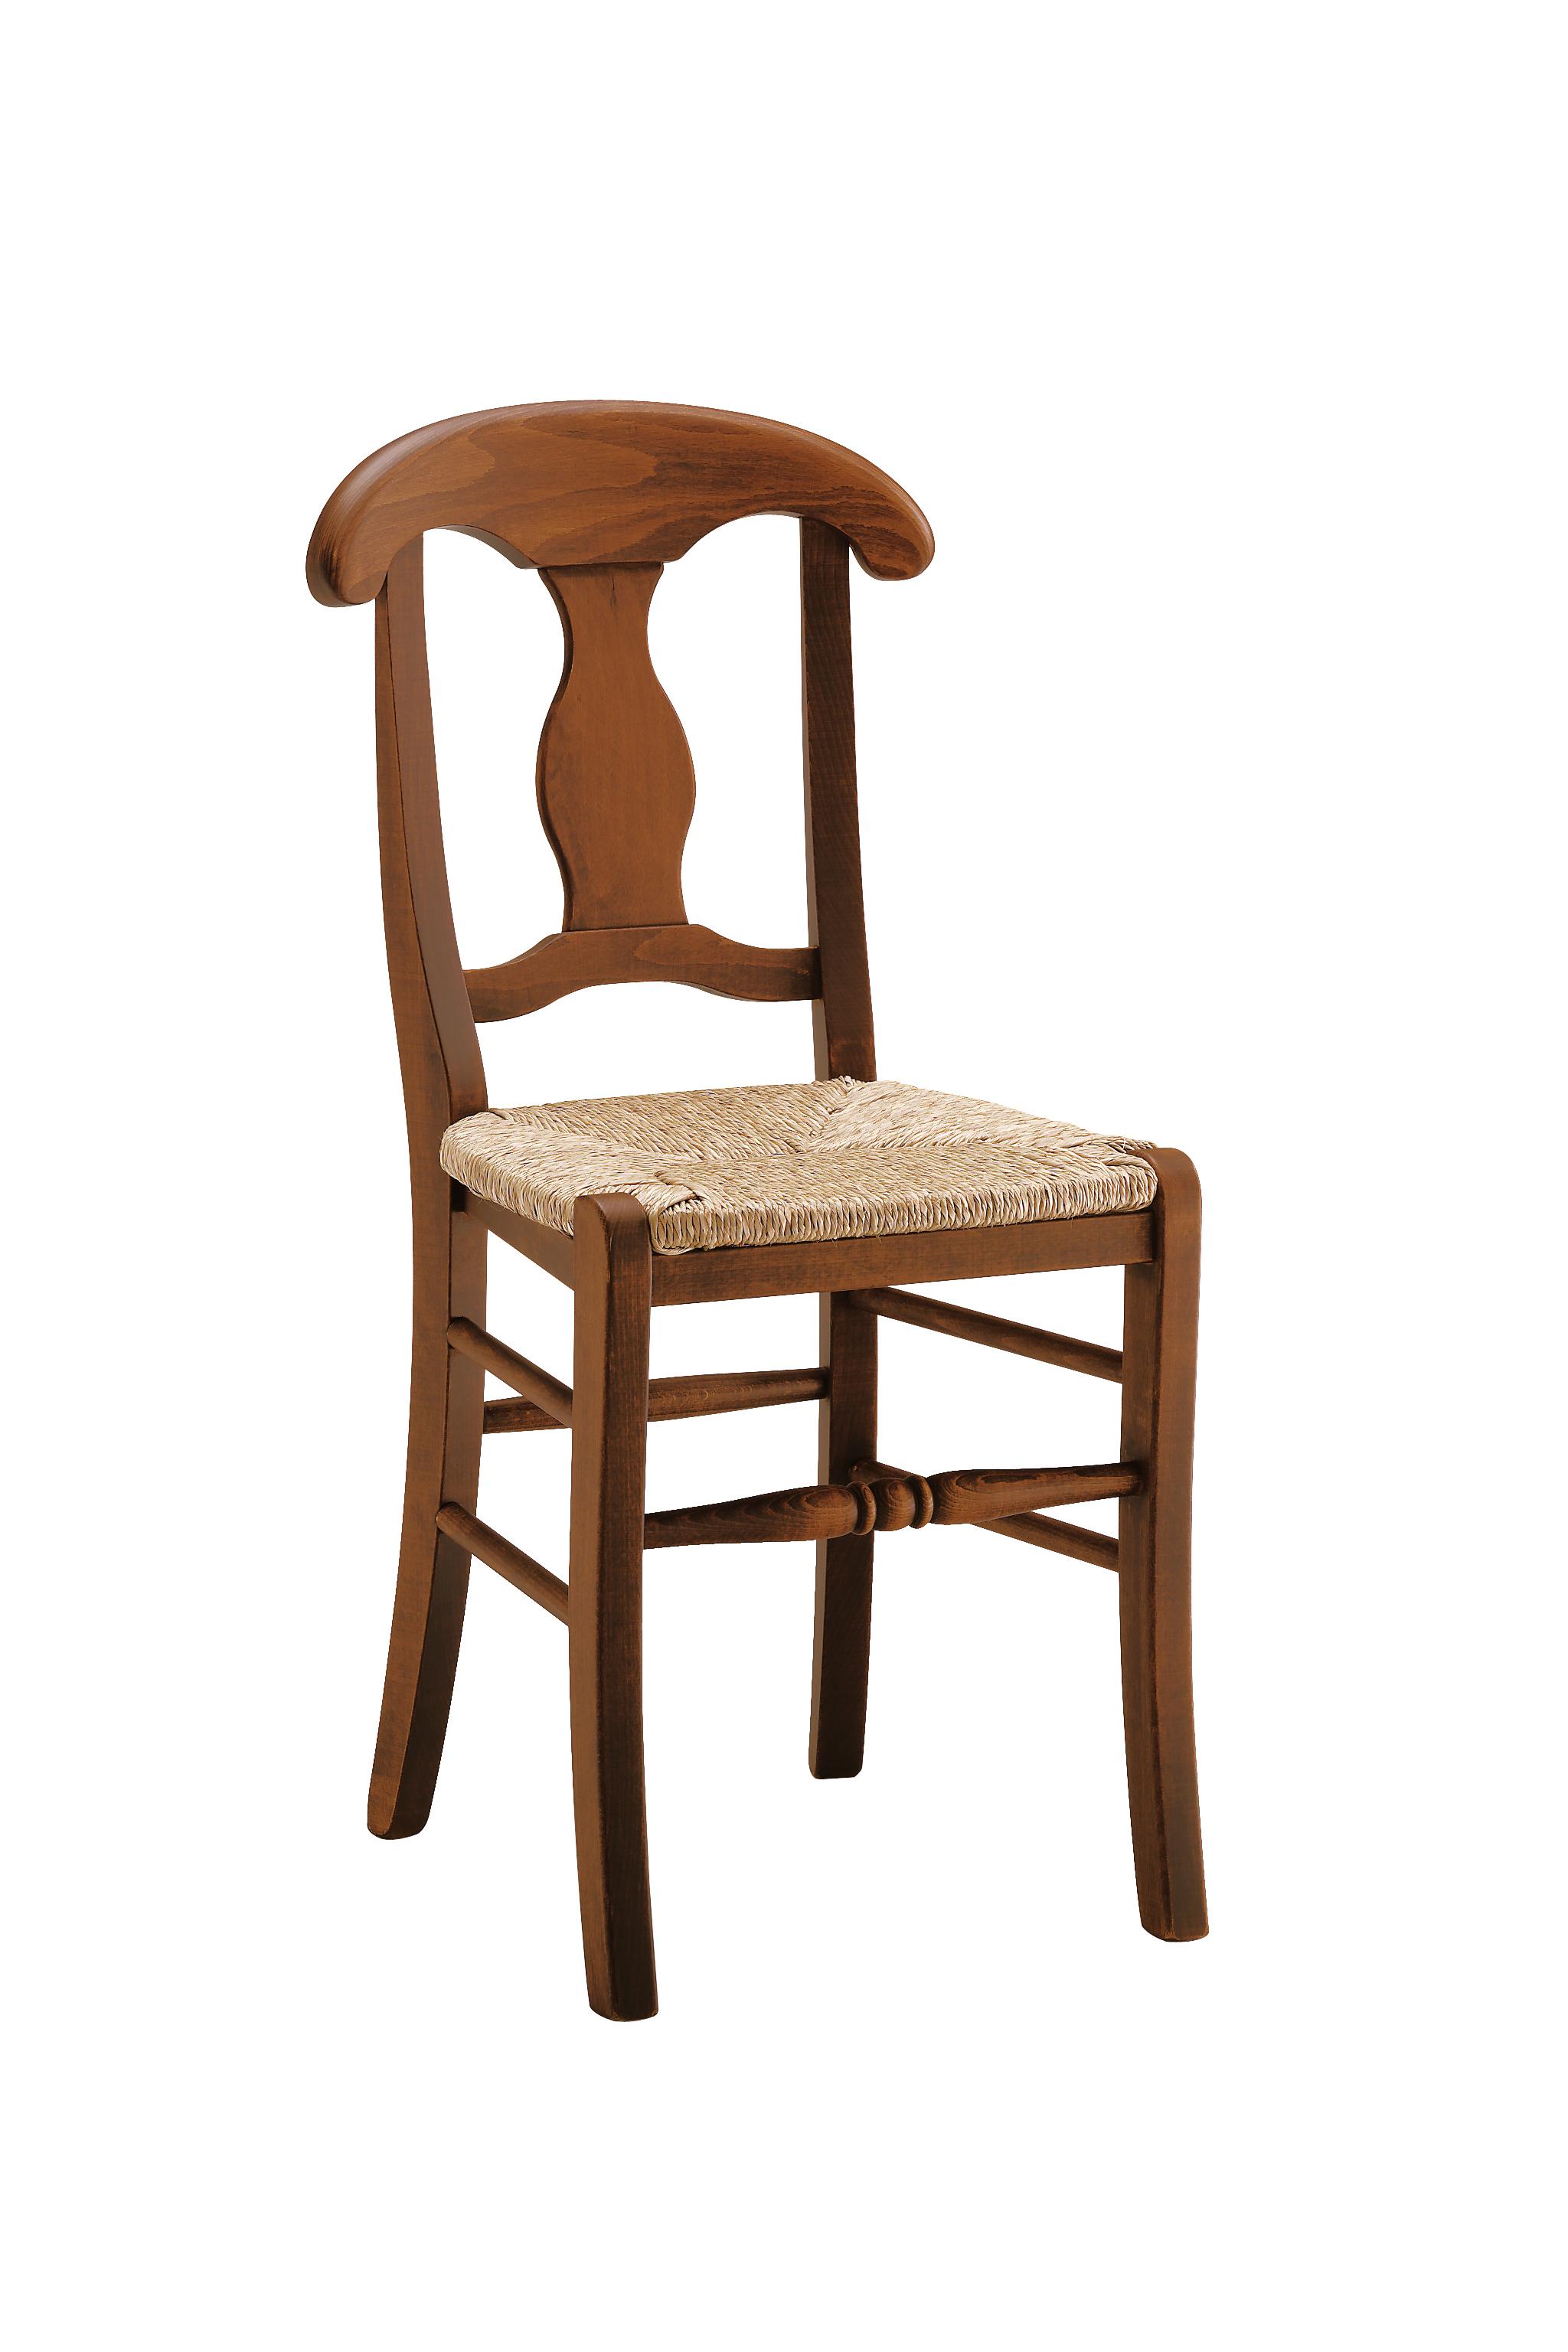 Sedie In Legno Arte Povera.Sedia Legno Arte Povera Art 552 Bissoli